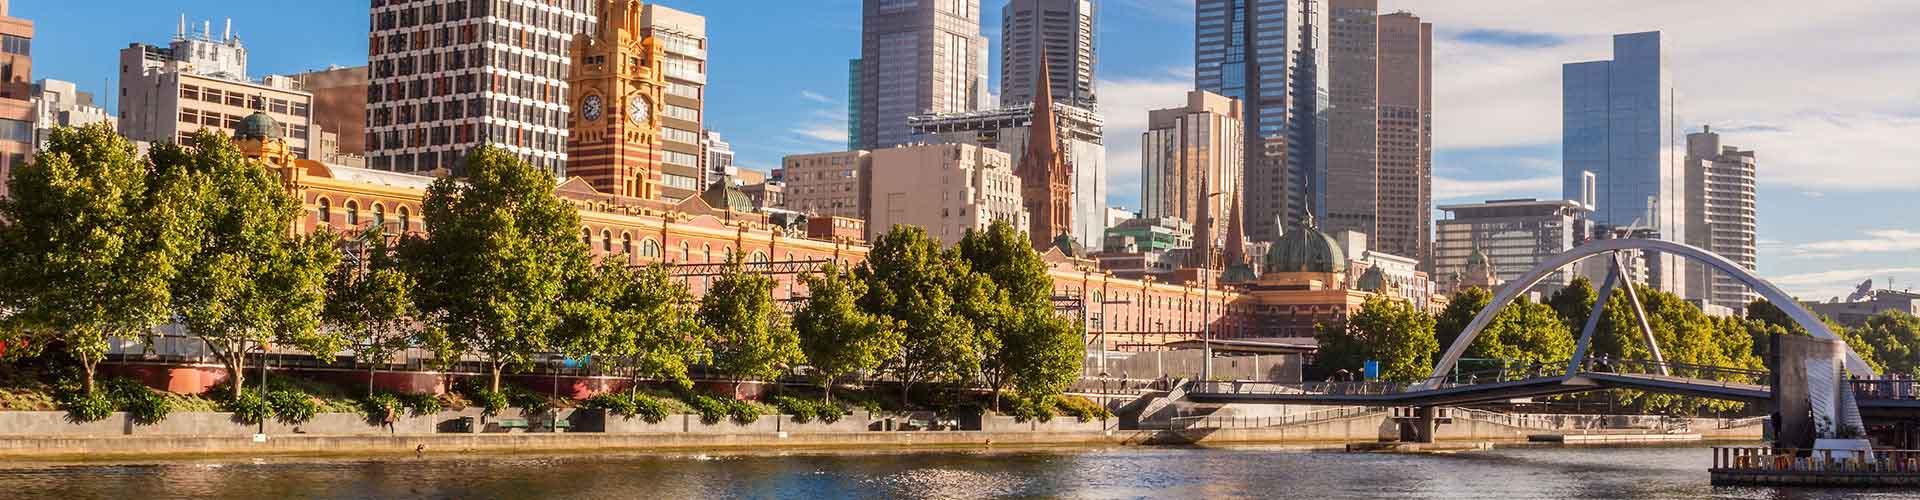 Melbourne - Hostels no Melbourne bairro. Mapas para Melbourne, Fotos e Avaliações para cada Hostel em Melbourne.